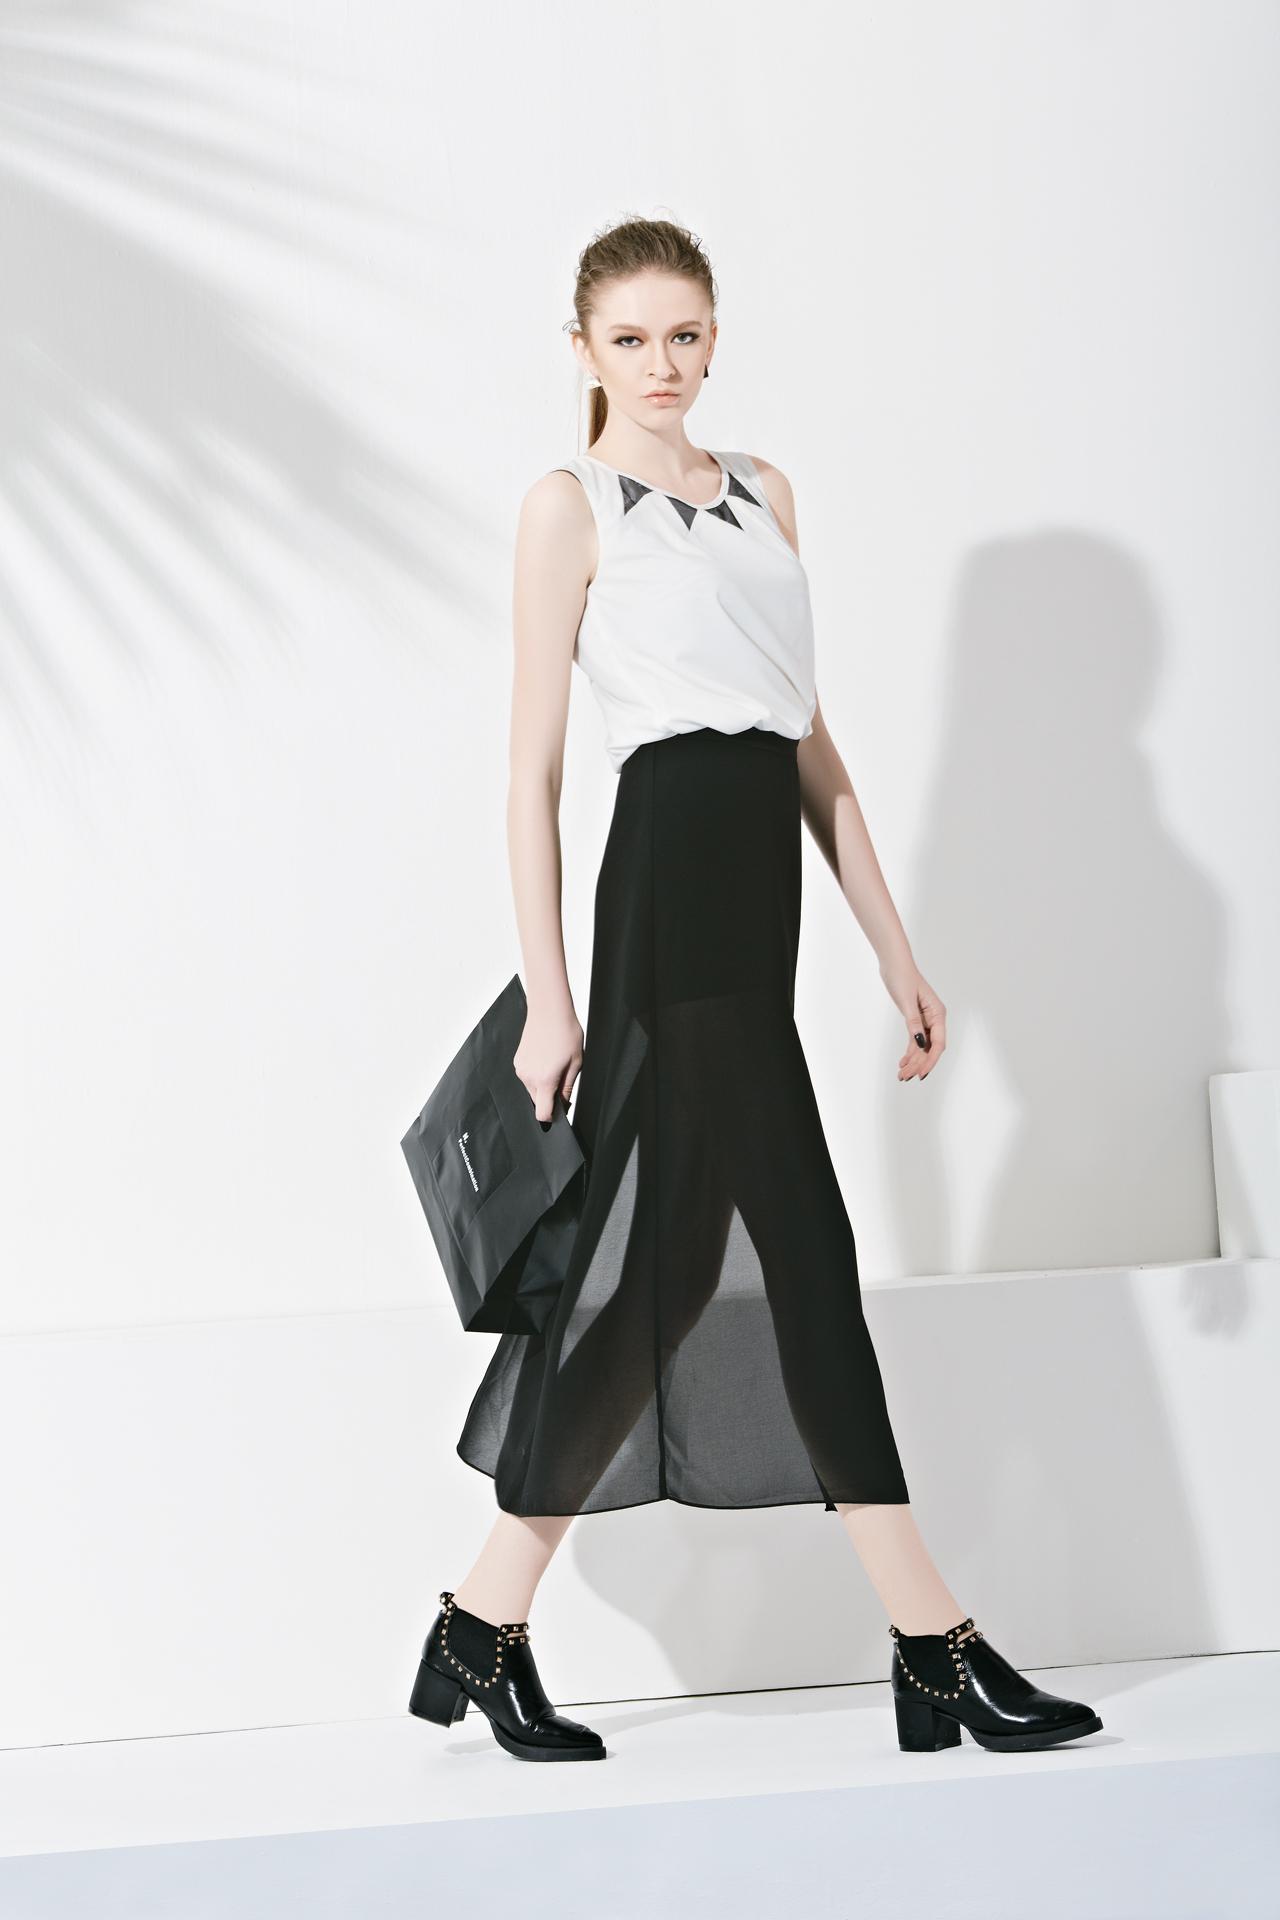 服裝加盟完美組合品牌 詮釋人生因為相信而得到